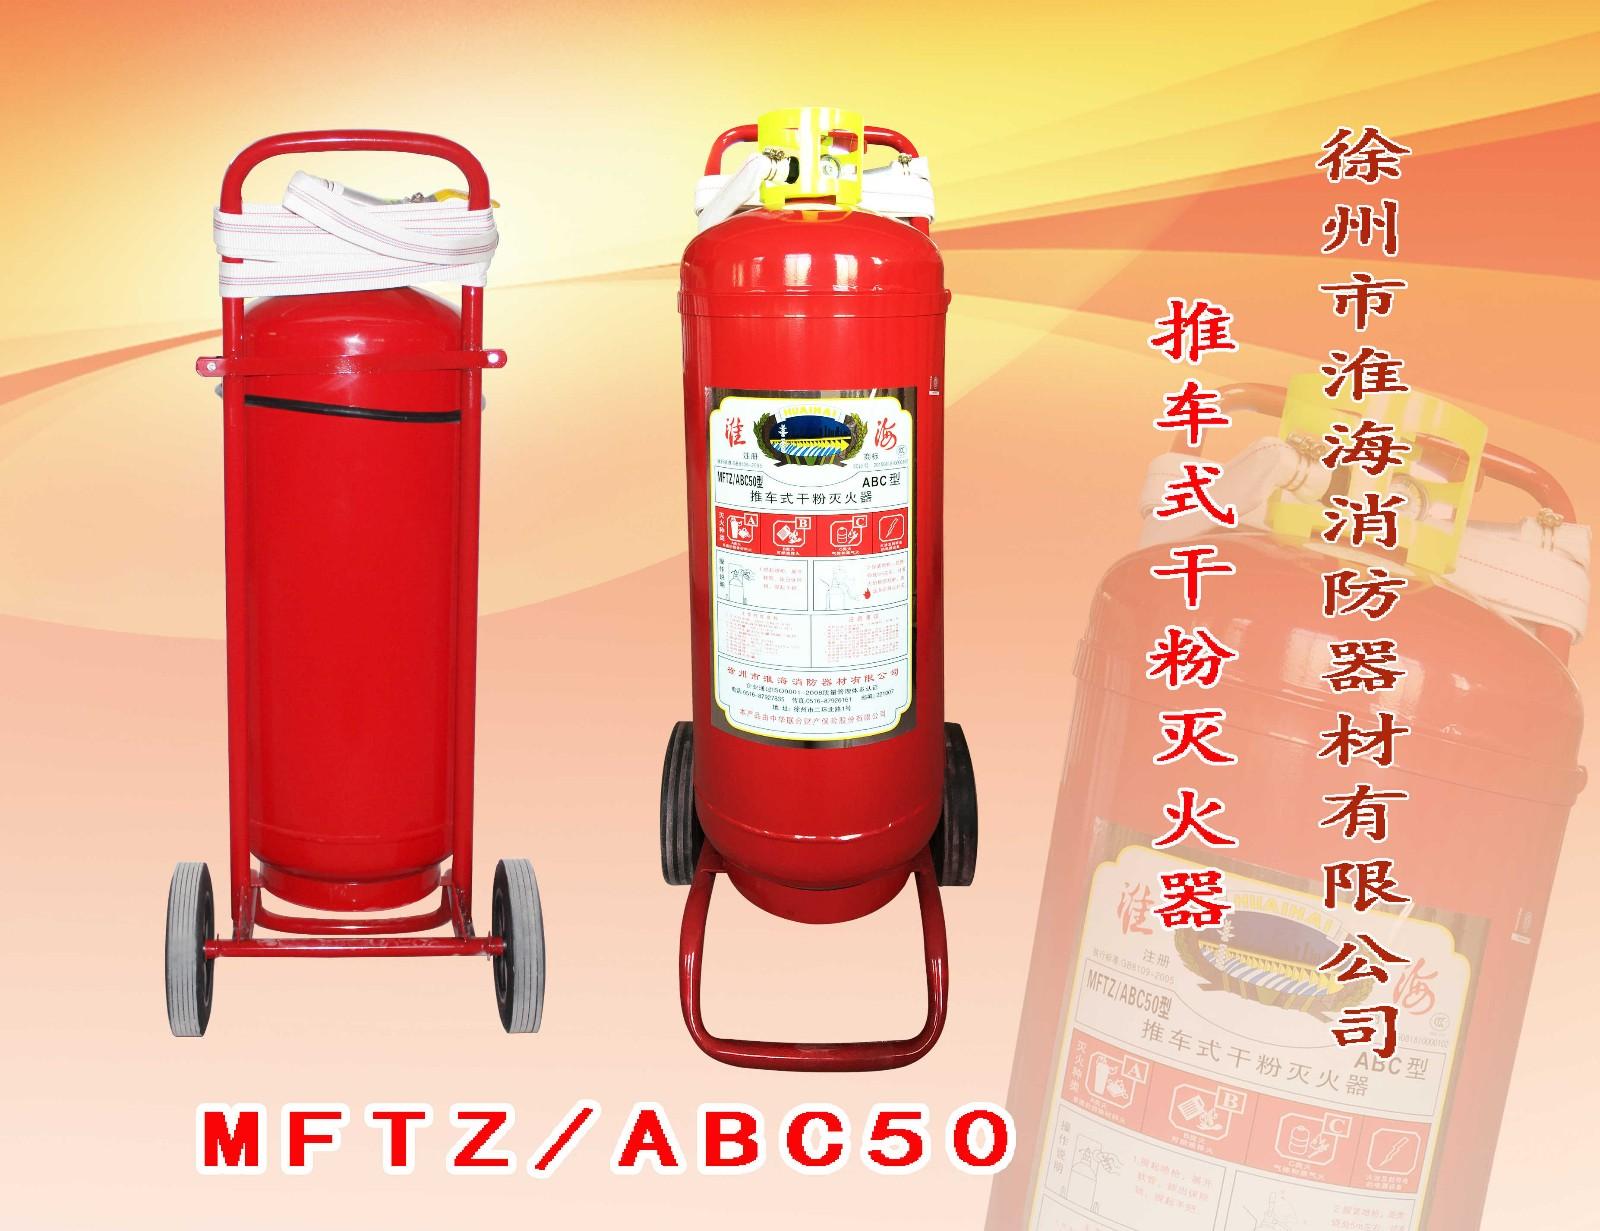 MFTZABC50.jpg